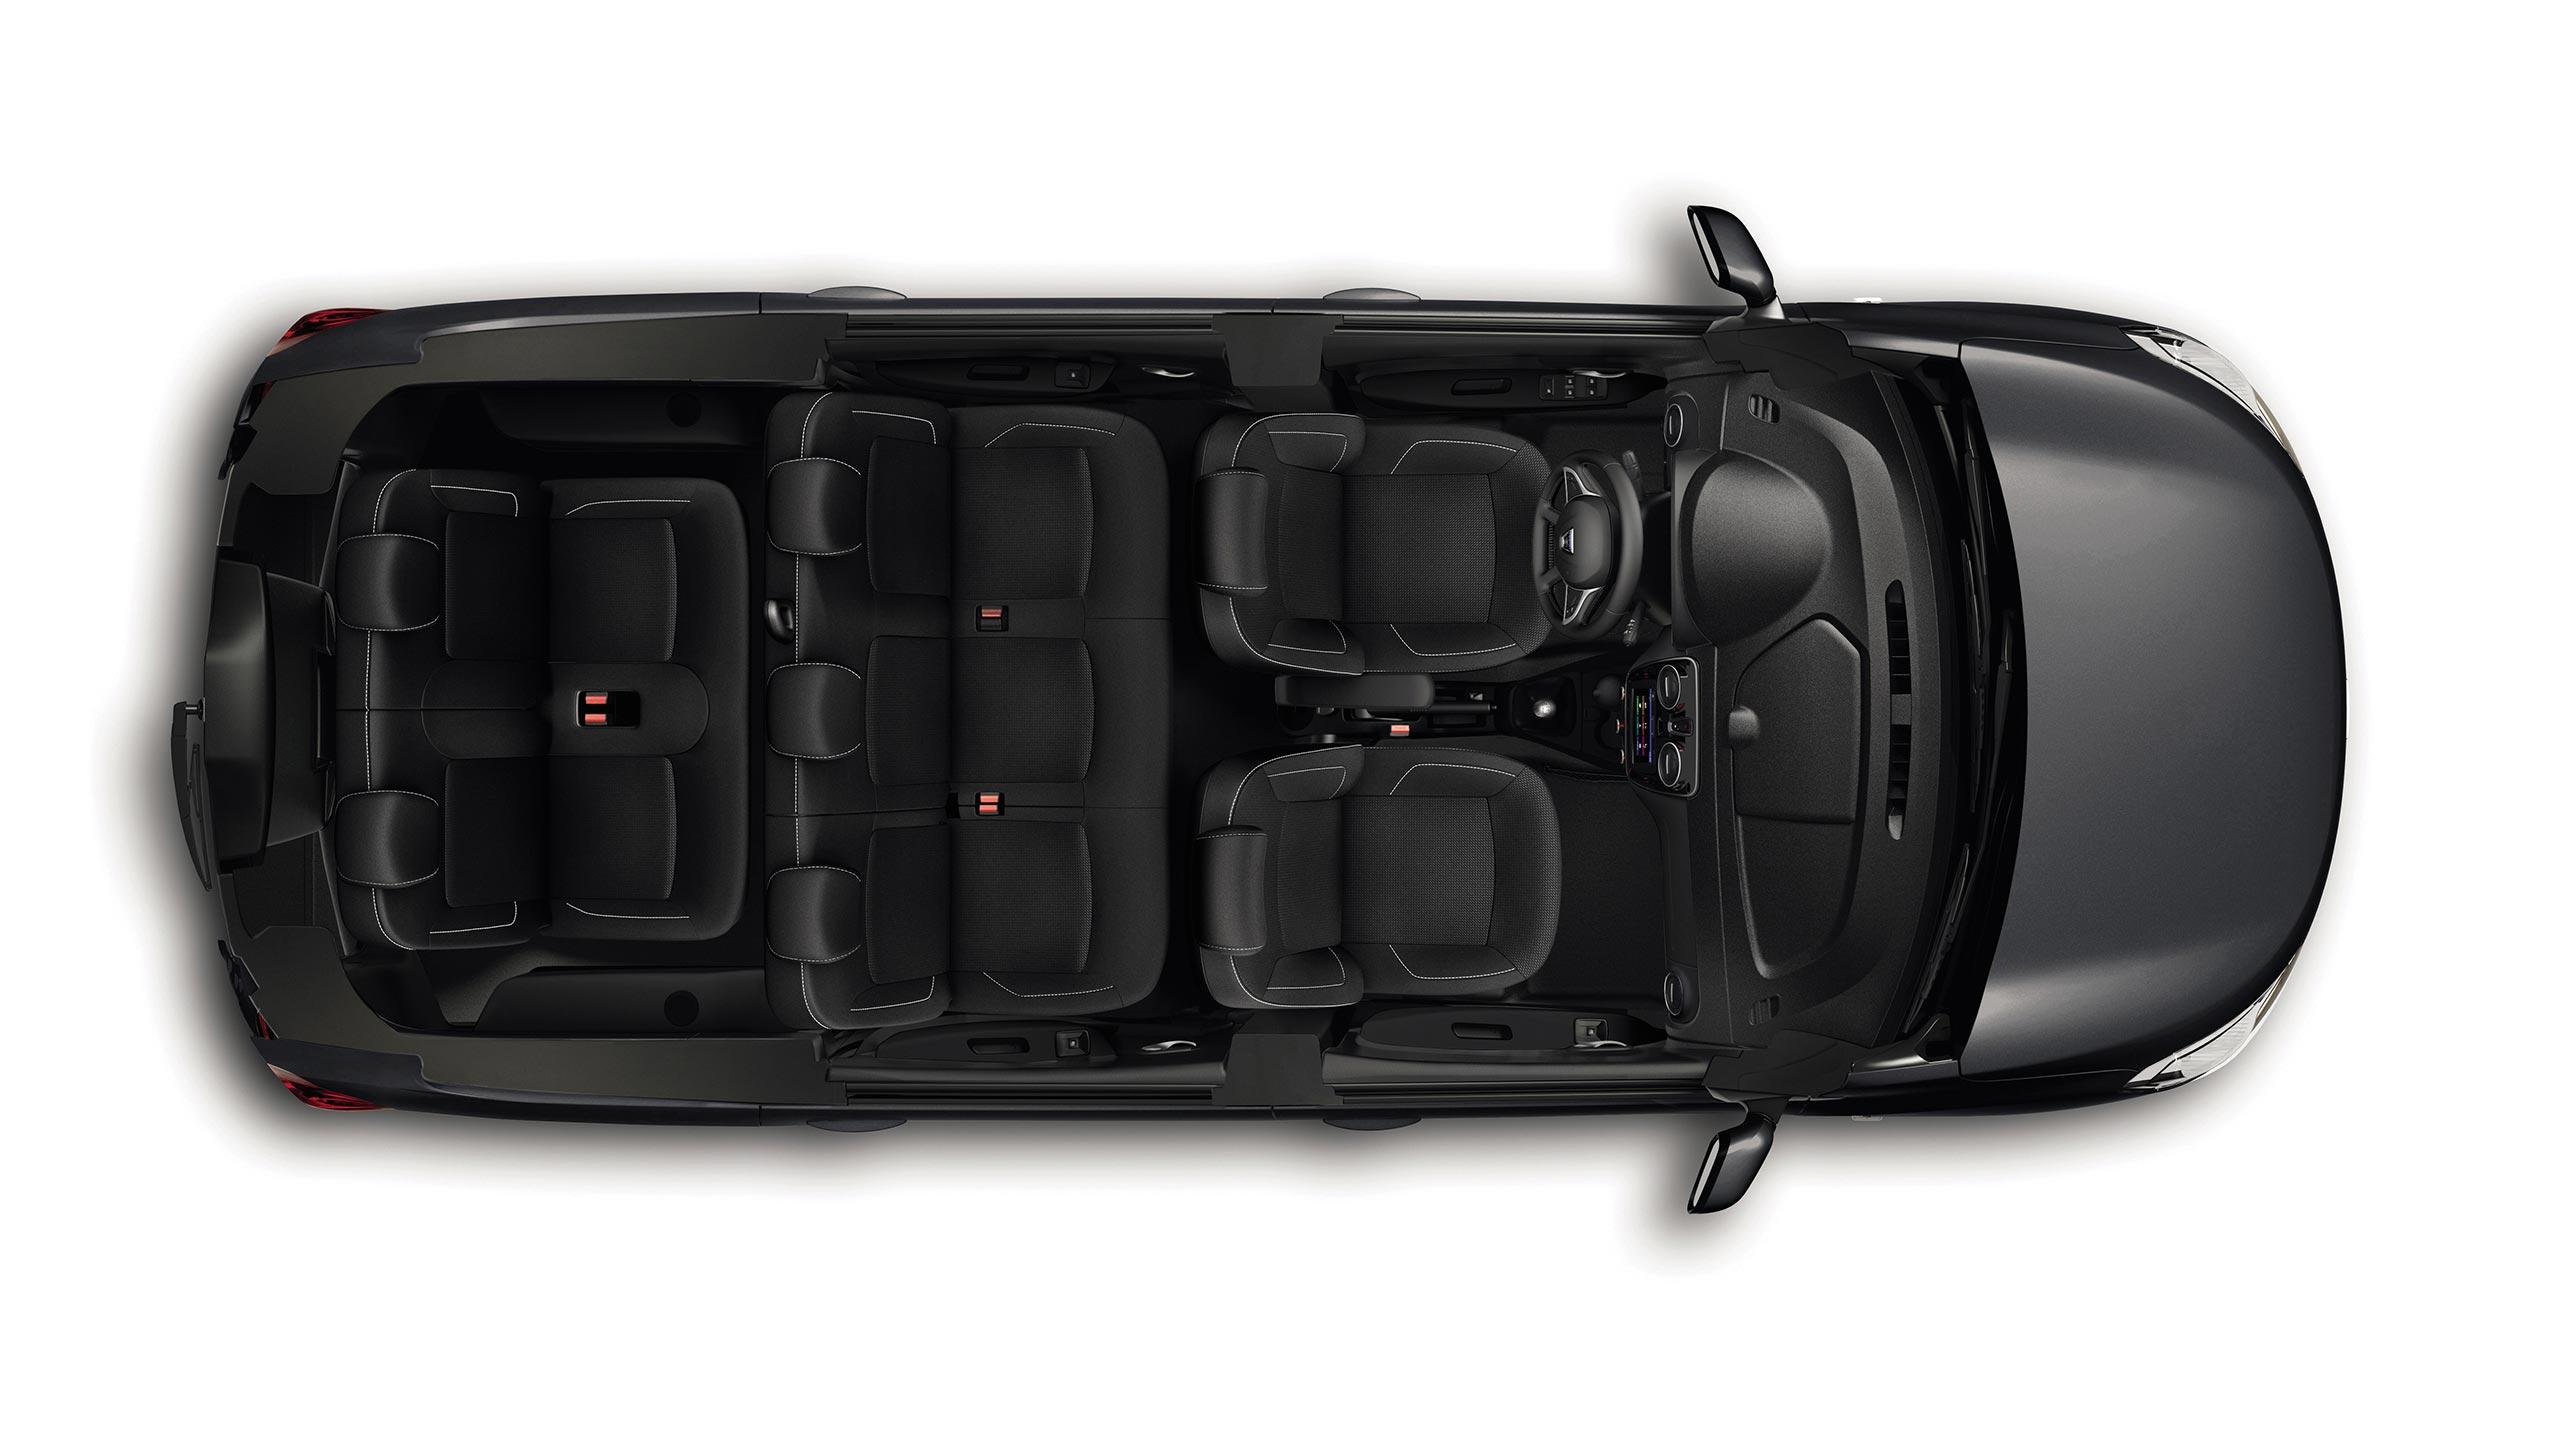 Dacia Lodgy Autozentrum P&A-Preckel